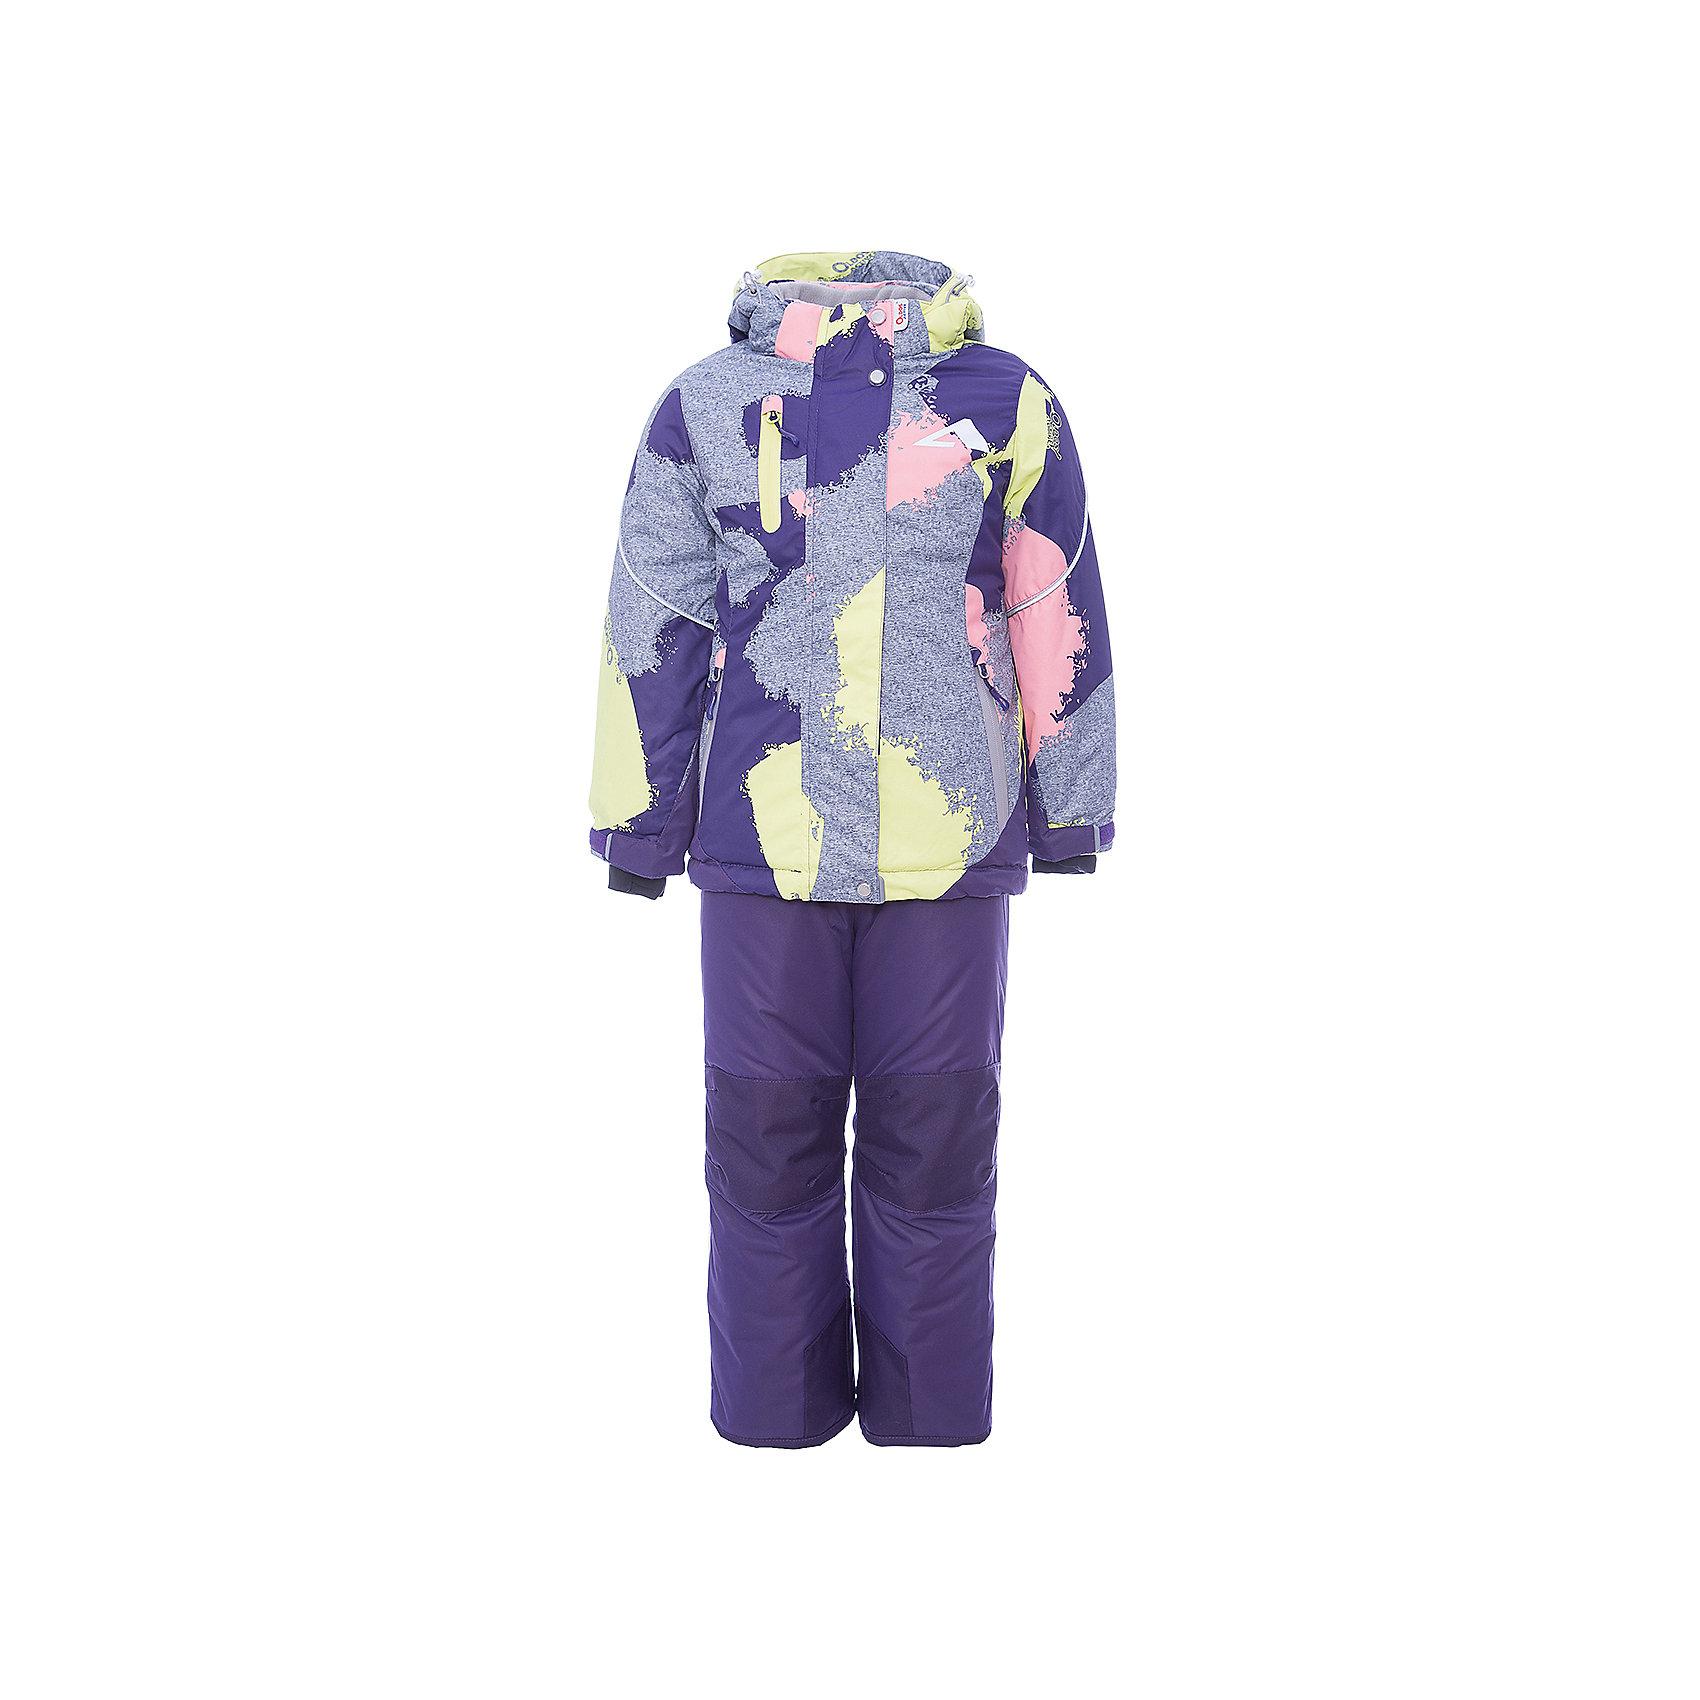 Комплект: куртка и полукомбинезон Ава OLDOS для девочкиВерхняя одежда<br>Характеристики товара:<br><br>• цвет: желтый<br>• комплектация: куртка и полукомбинезон<br>• состав ткани: полиэстер, Teflon<br>• подкладка: флис<br>• утеплитель: Hollofan pro<br>• сезон: зима<br>• мембранное покрытие<br>• температурный режим: от -30 до +5<br>• водонепроницаемость: 5000 мм <br>• паропроницаемость: 5000 г/м2<br>• плотность утеплителя: куртка - 200 г/м2, полукомбинезон - 150 г/м2<br>• застежка: молния<br>• капюшон: без меха, съемный<br>• полукомбинезон усилен износостойкими вставками<br>• страна бренда: Россия<br>• страна изготовитель: Россия<br><br>Подкладка этого детского зимнего комплекта - флис, в рукавах и брючинах – гладкий полиэстер. Детский комплект для девочки дополнен элементами, помогающими скорректировать размер точно под ребенка. Детский зимний комплект создан с применением мембранной технологии, поэтому рассчитан даже на сильные морозы и ветра.<br><br>Комплект: куртка и полукомбинезон Ава Oldos (Олдос) для девочки можно купить в нашем интернет-магазине.<br><br>Ширина мм: 356<br>Глубина мм: 10<br>Высота мм: 245<br>Вес г: 519<br>Цвет: желтый<br>Возраст от месяцев: 132<br>Возраст до месяцев: 144<br>Пол: Женский<br>Возраст: Детский<br>Размер: 152,98,104,110,116,122,128,134,140,146<br>SKU: 7016037